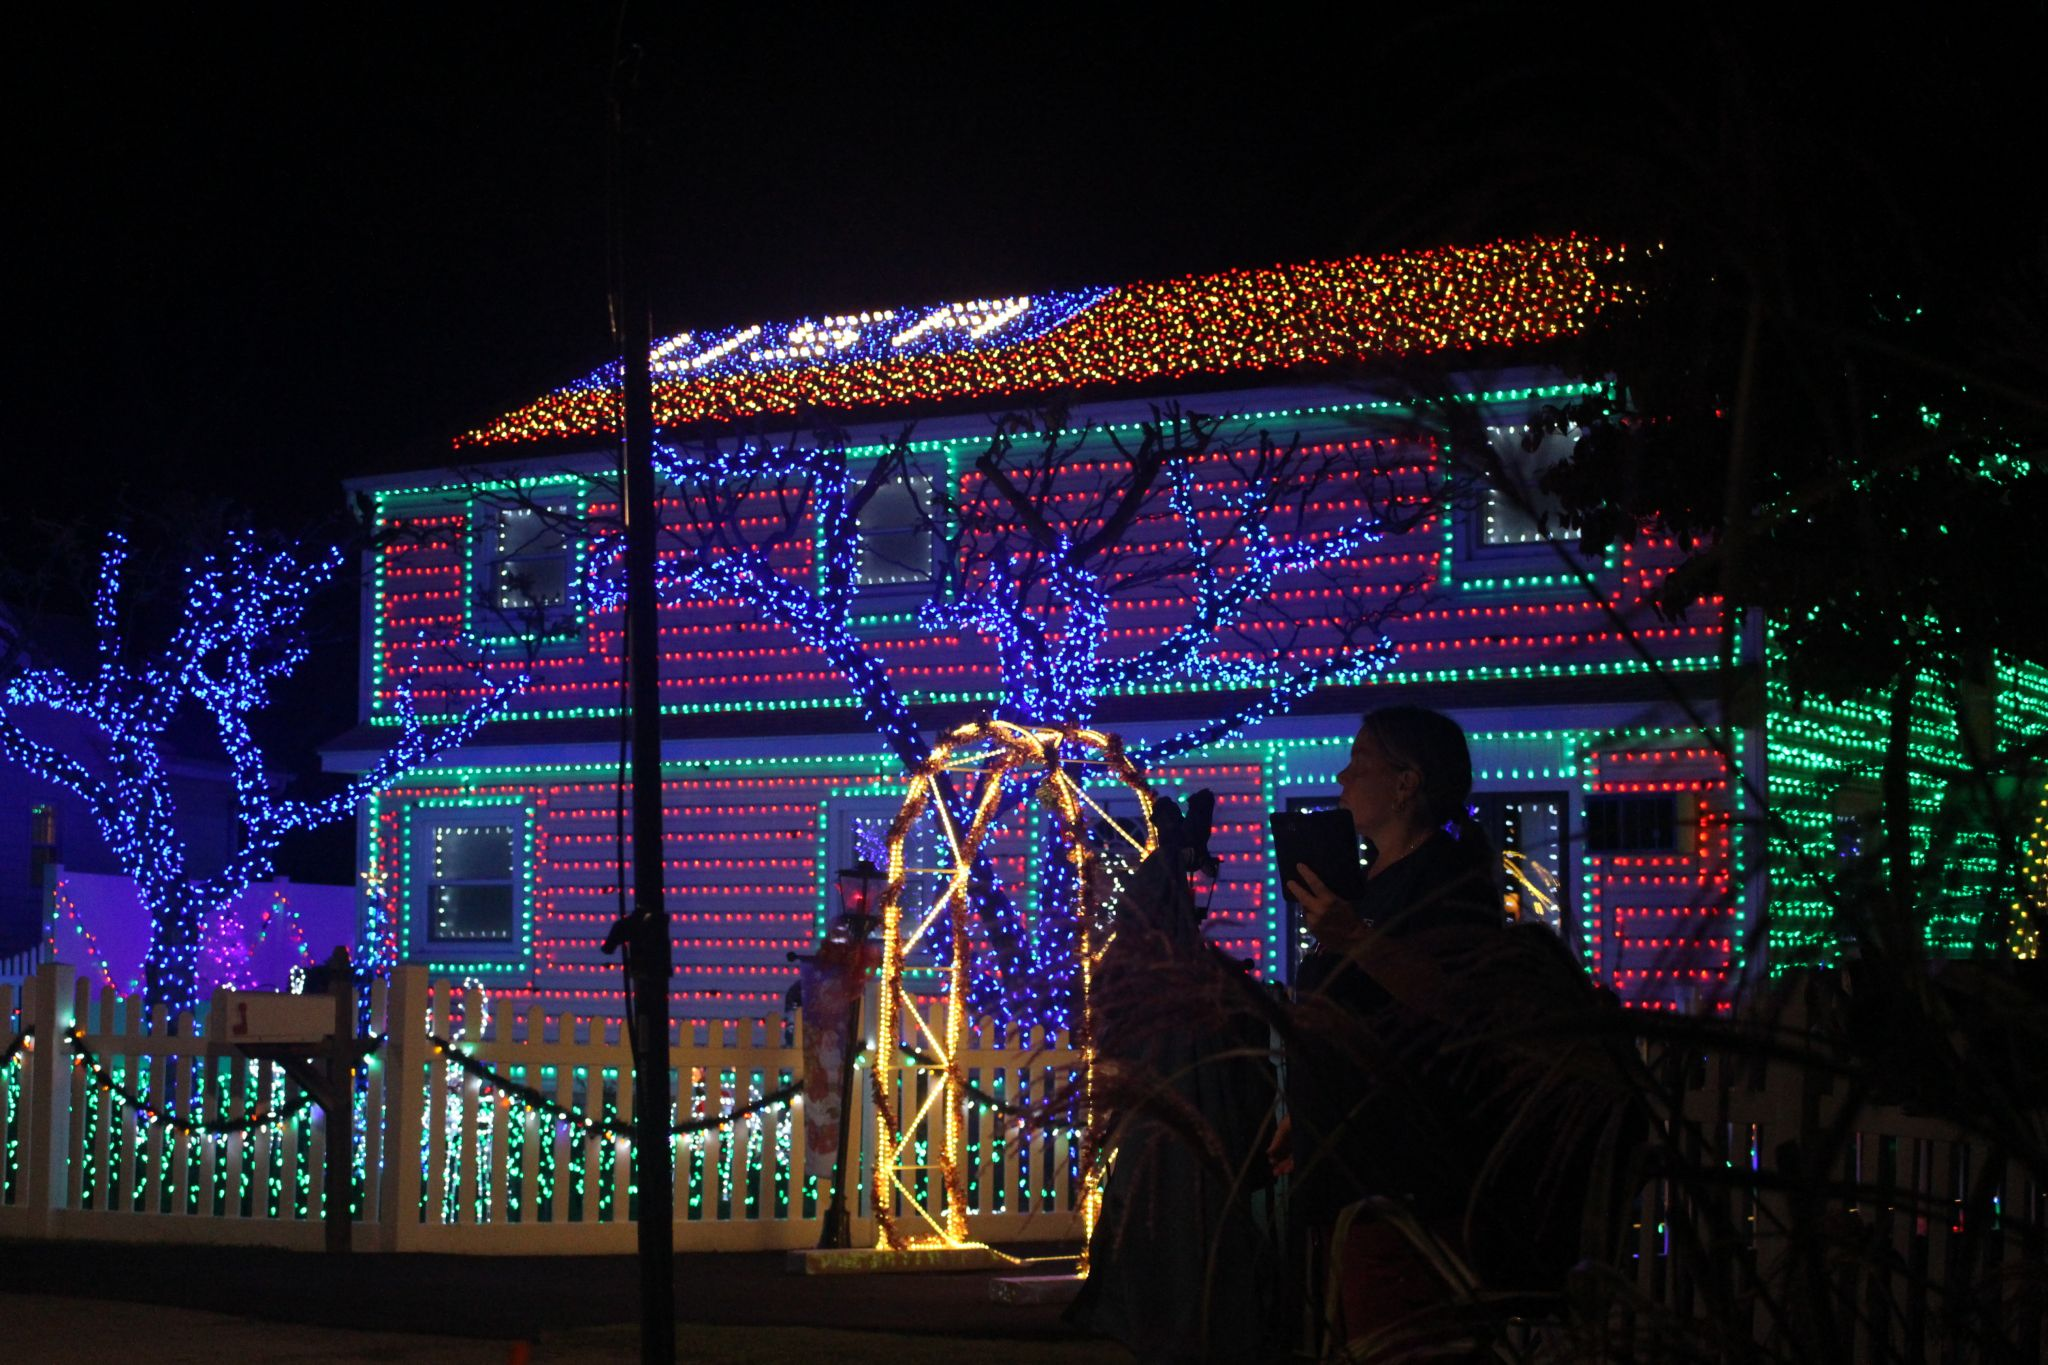 stamford home shines on abcs christmas light fight stamfordadvocate - Home Christmas Lights